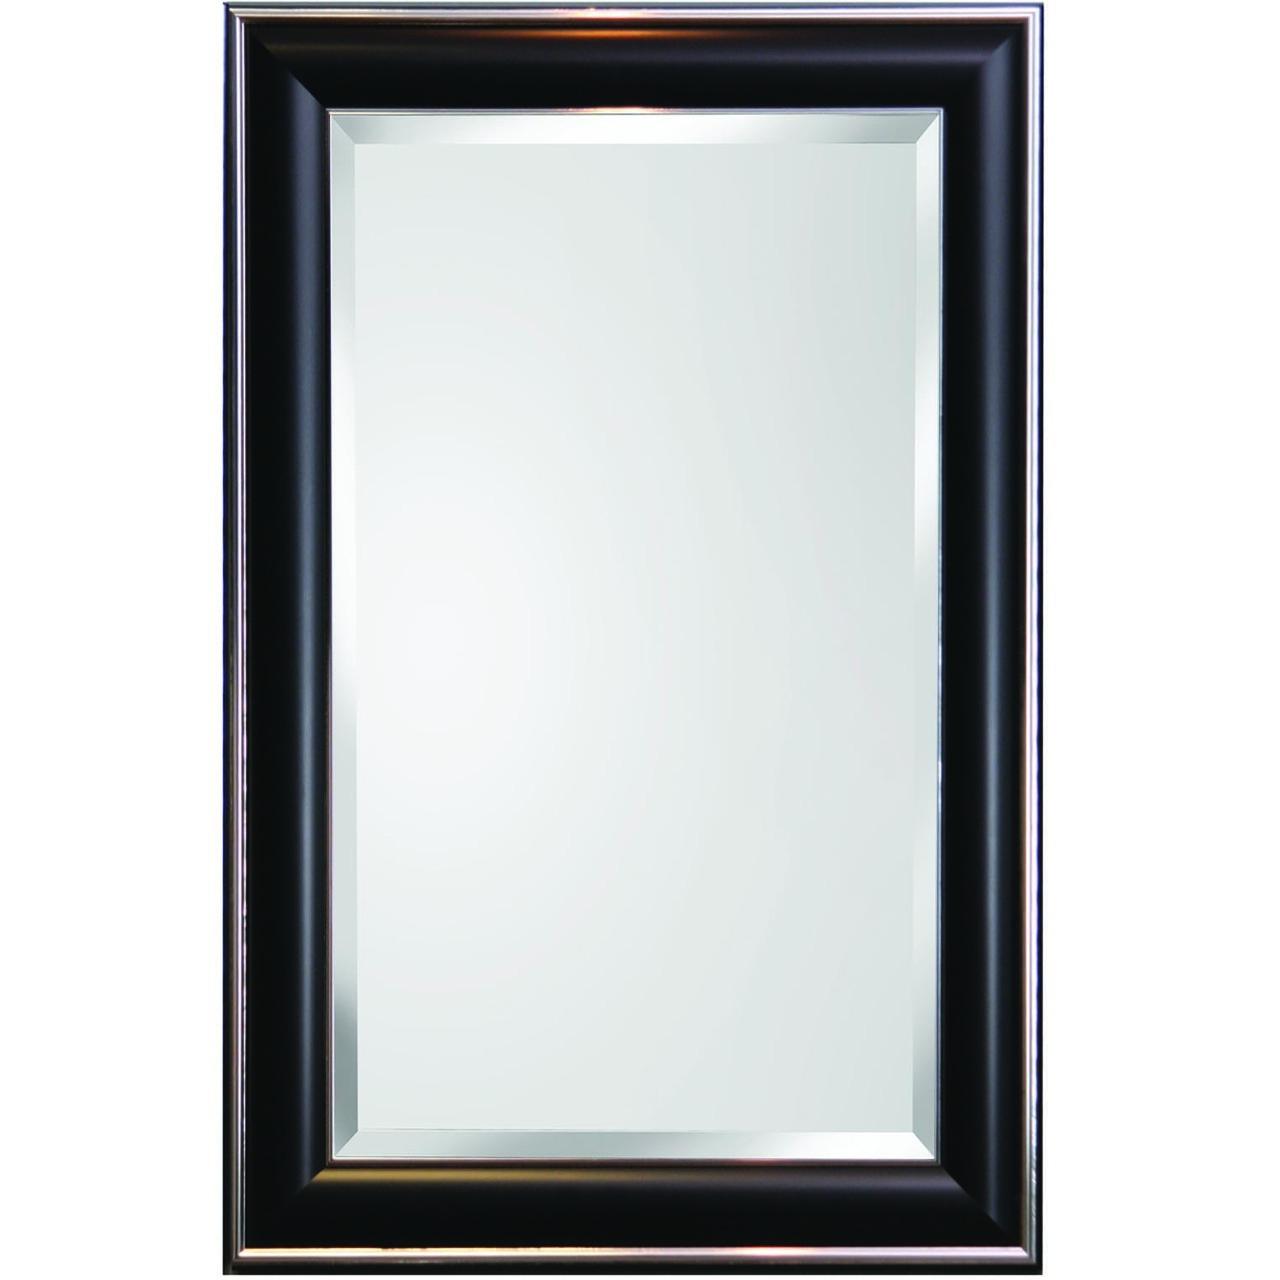 Spectrum Framed Beveled Mirror Renin